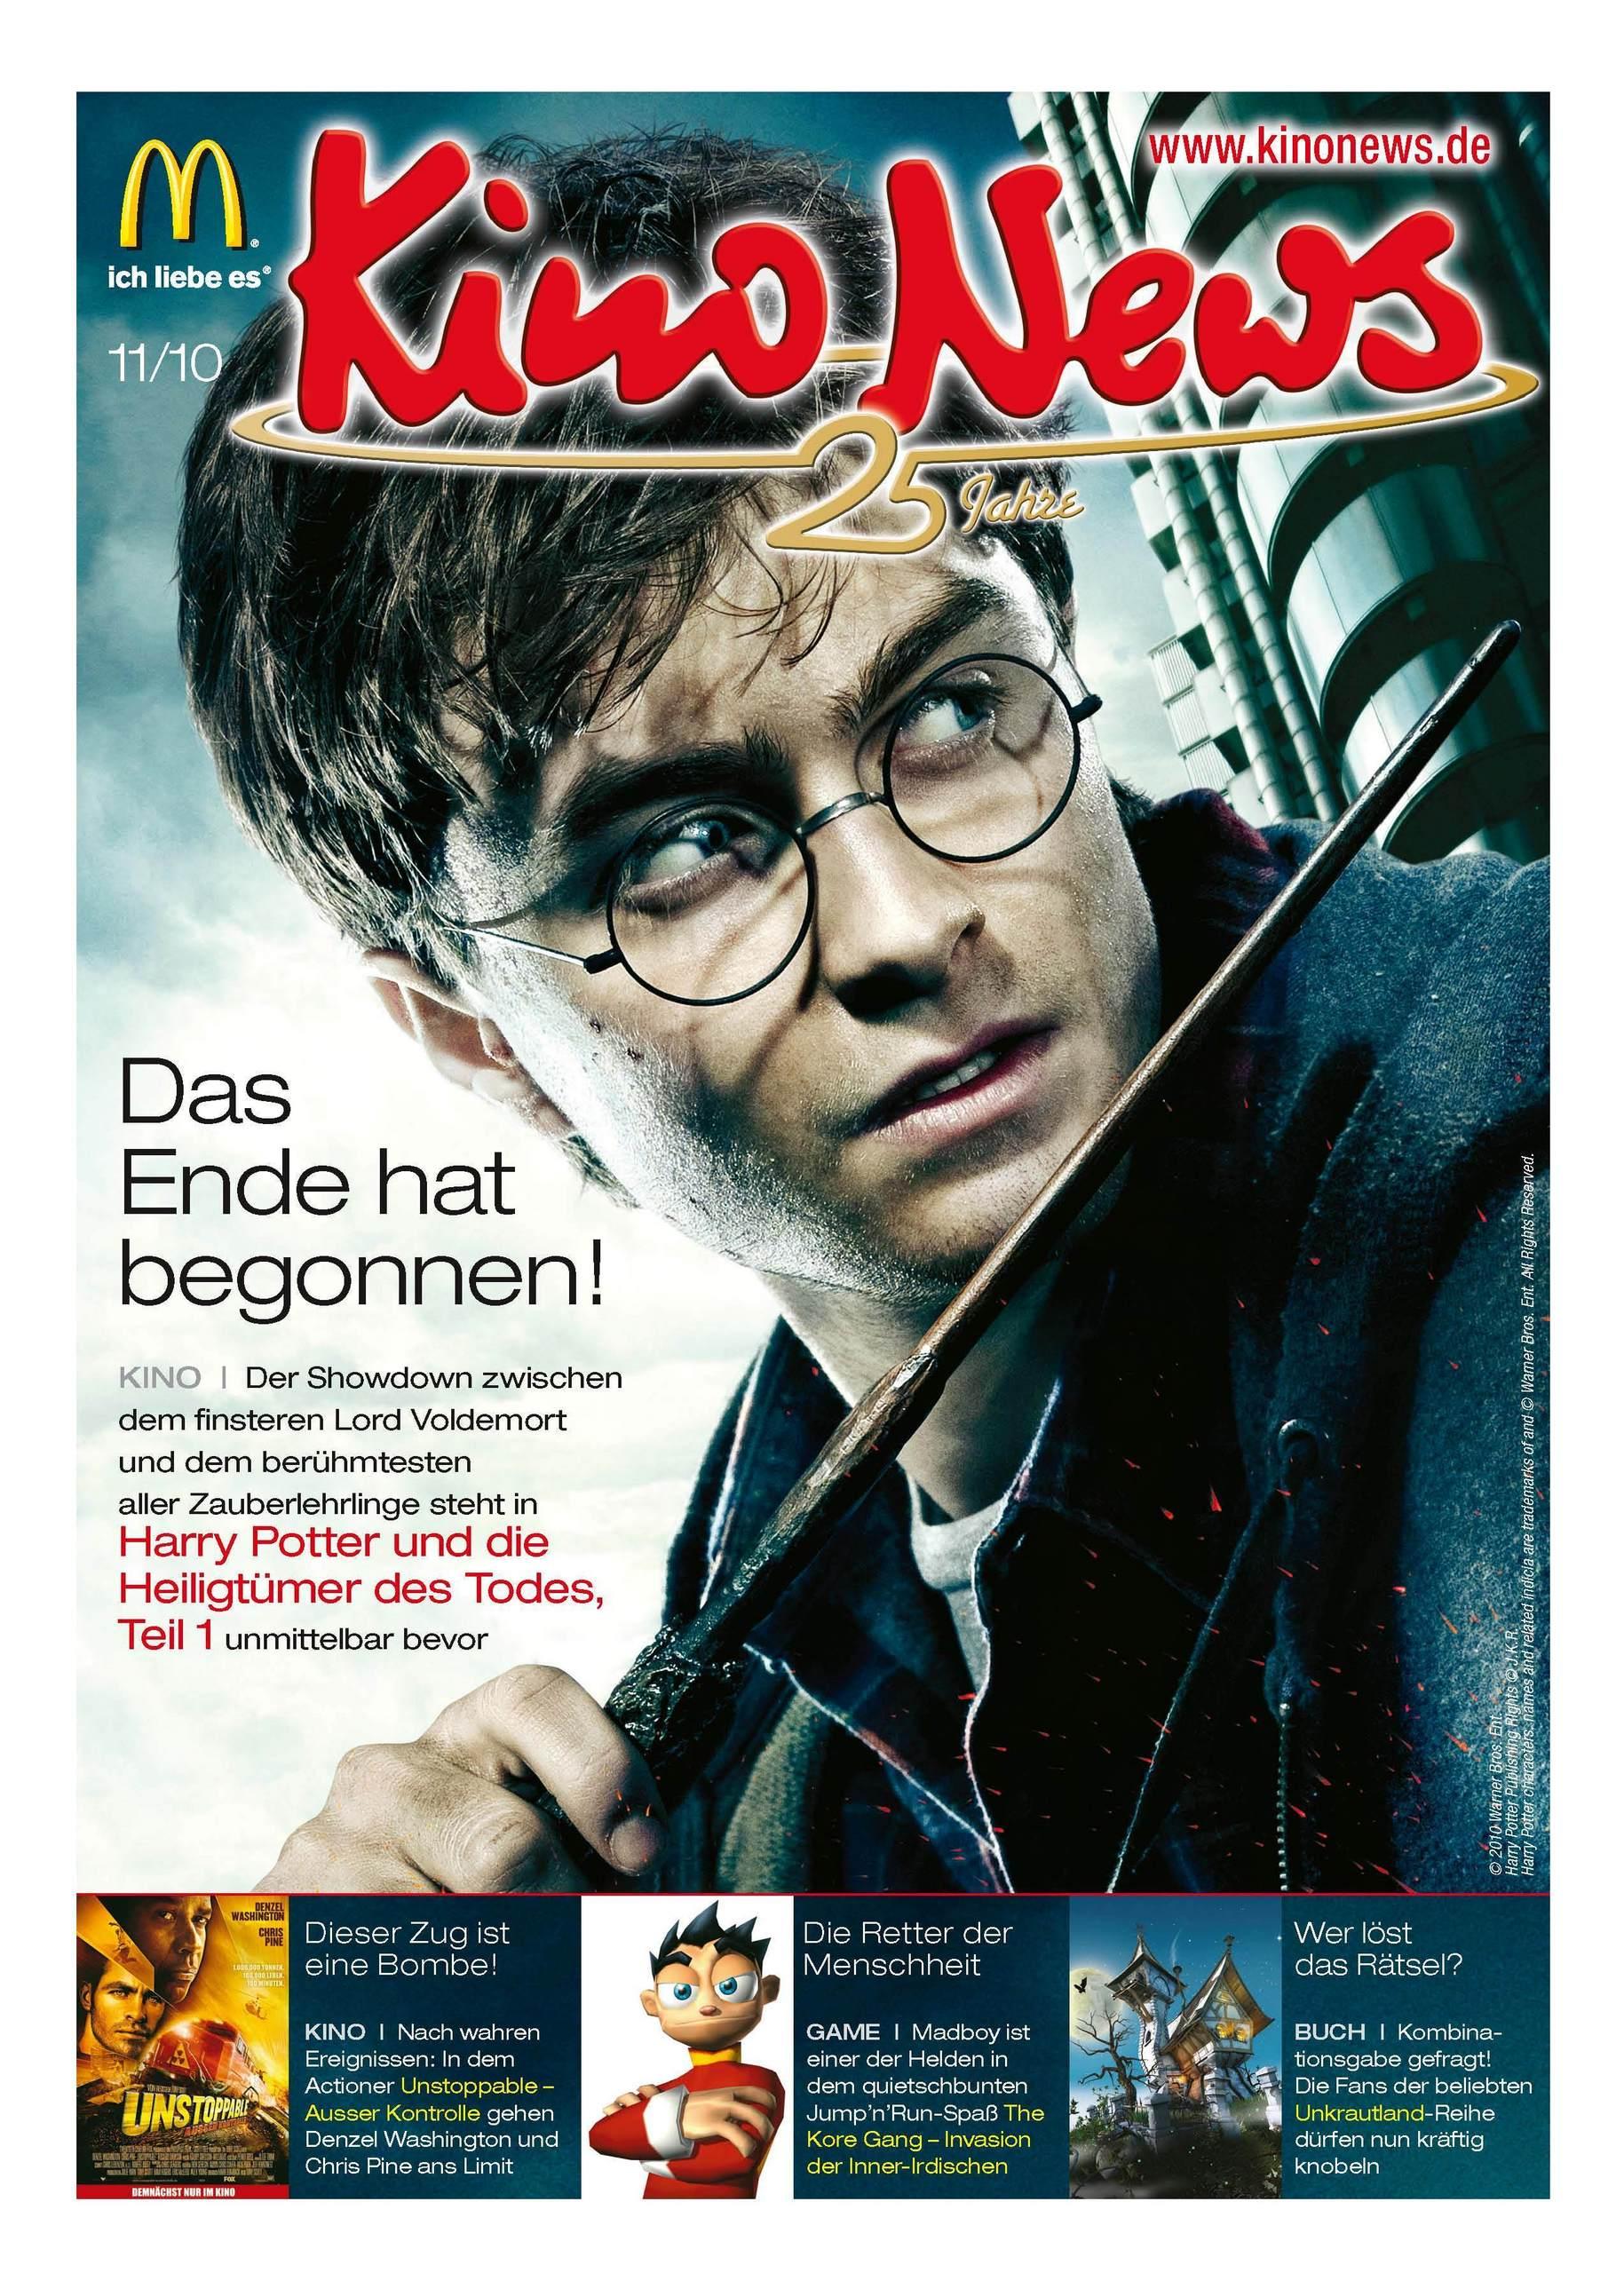 Kino News